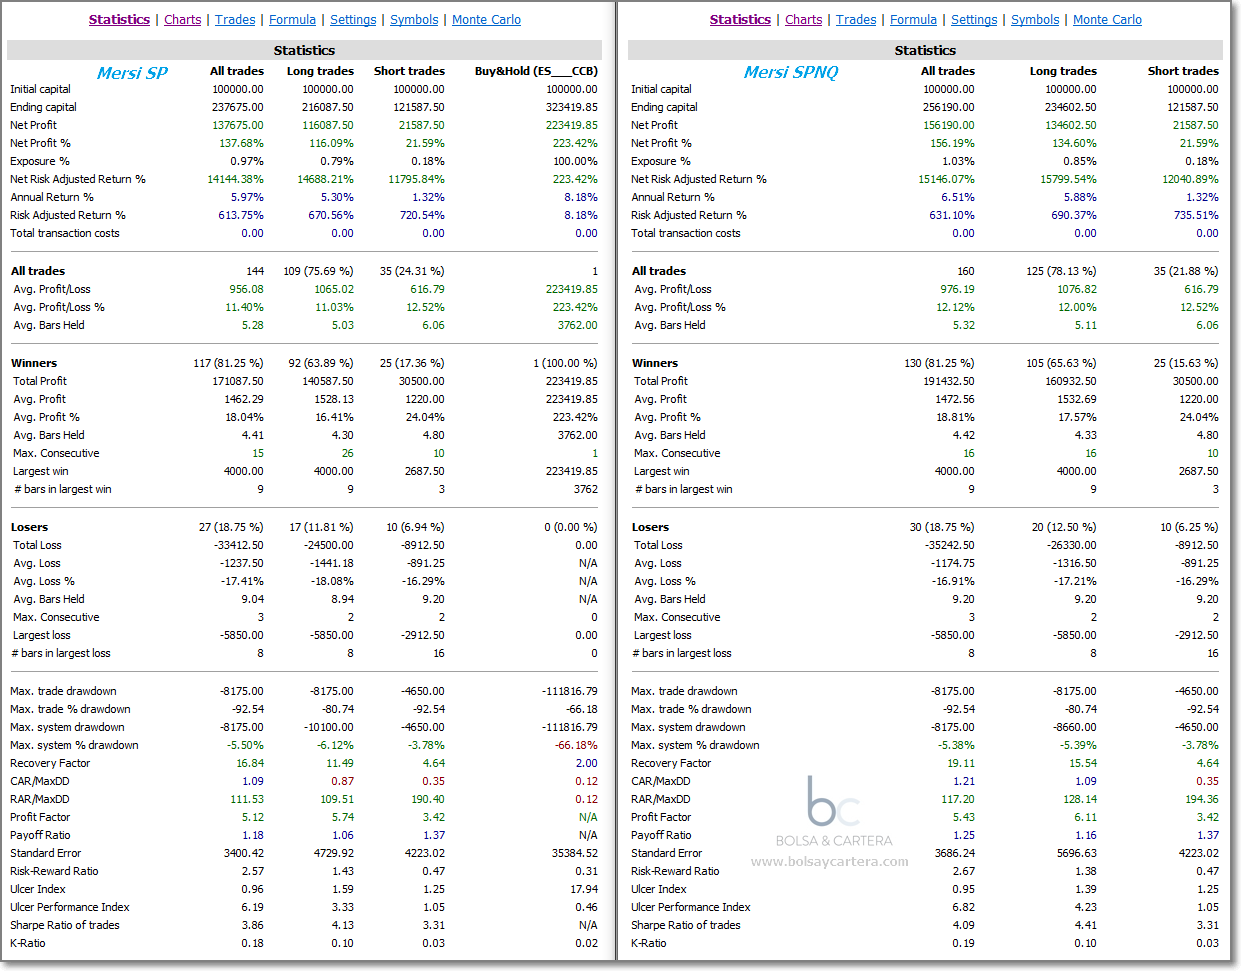 Sistema de trading MersiSP vs MersiSPNQ - Estadísticas